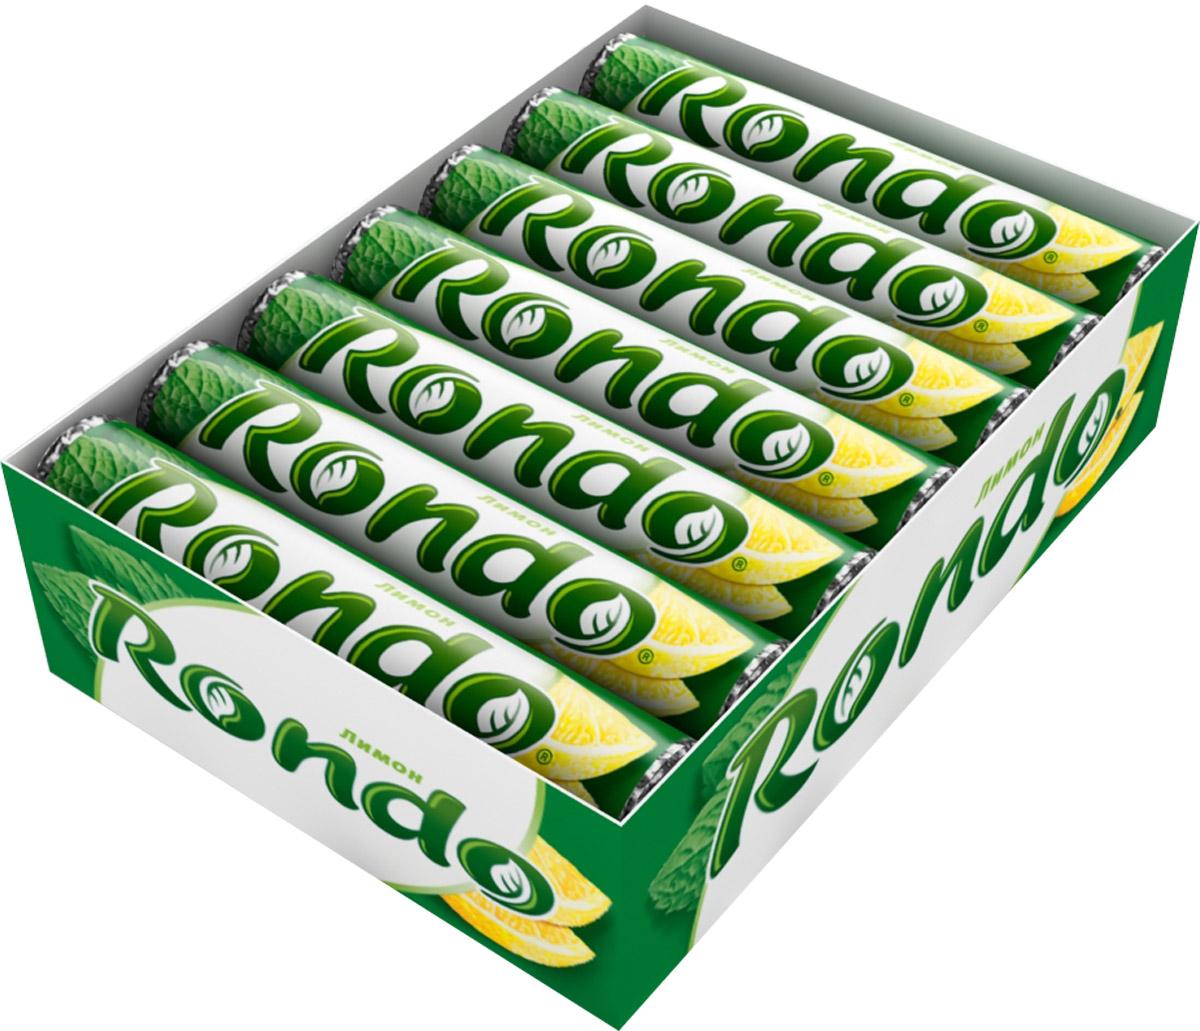 Rondo Лимон освежающие конфеты, 14 пачек по 30 г halls мед лимон леденцы 12 пачек по 25 г